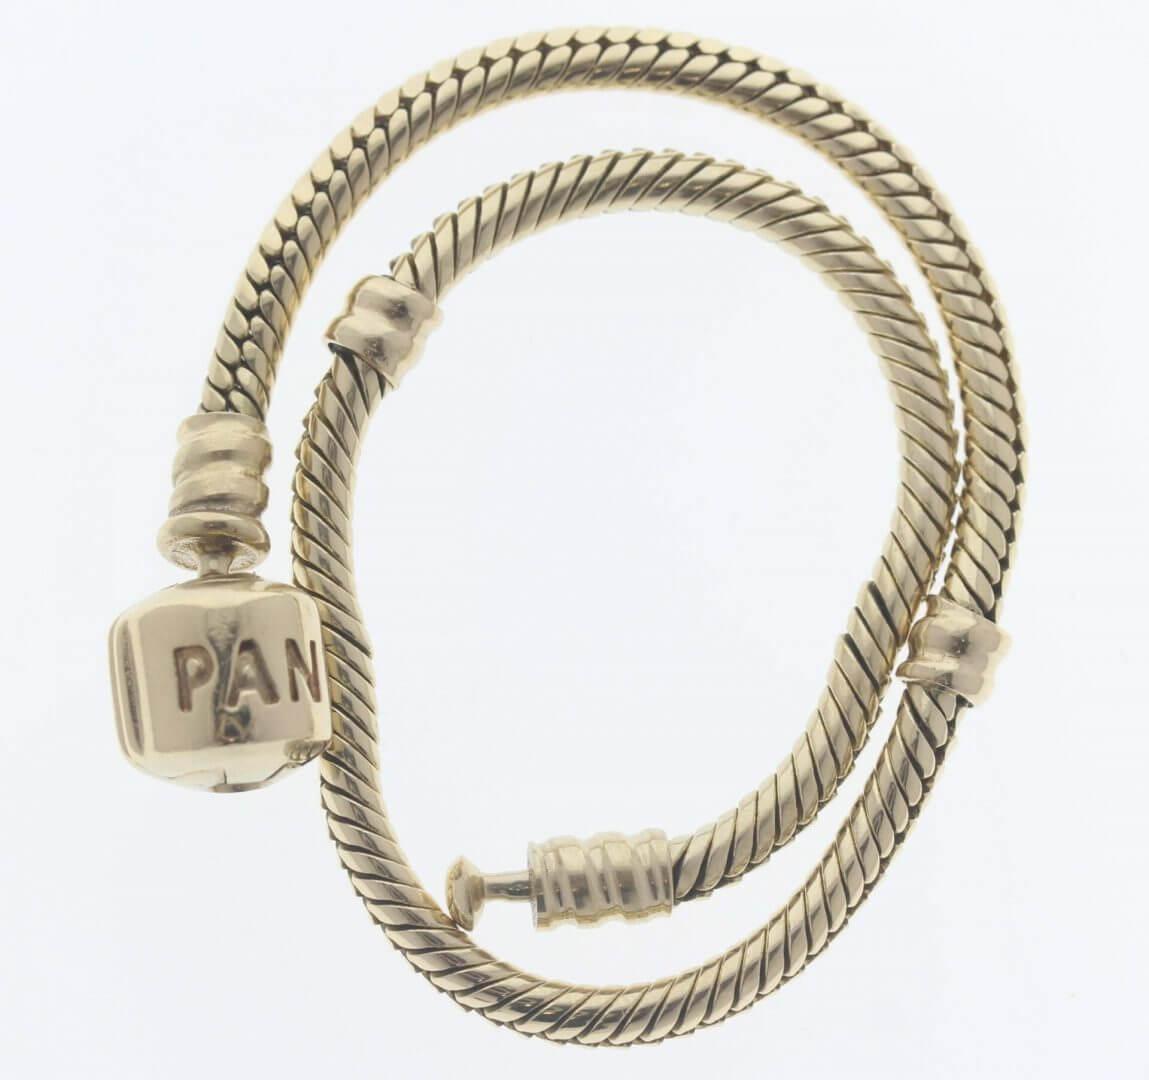 Pandora Moments 14ct Gold Charm Bracelet - 550702 - ALE 585 3